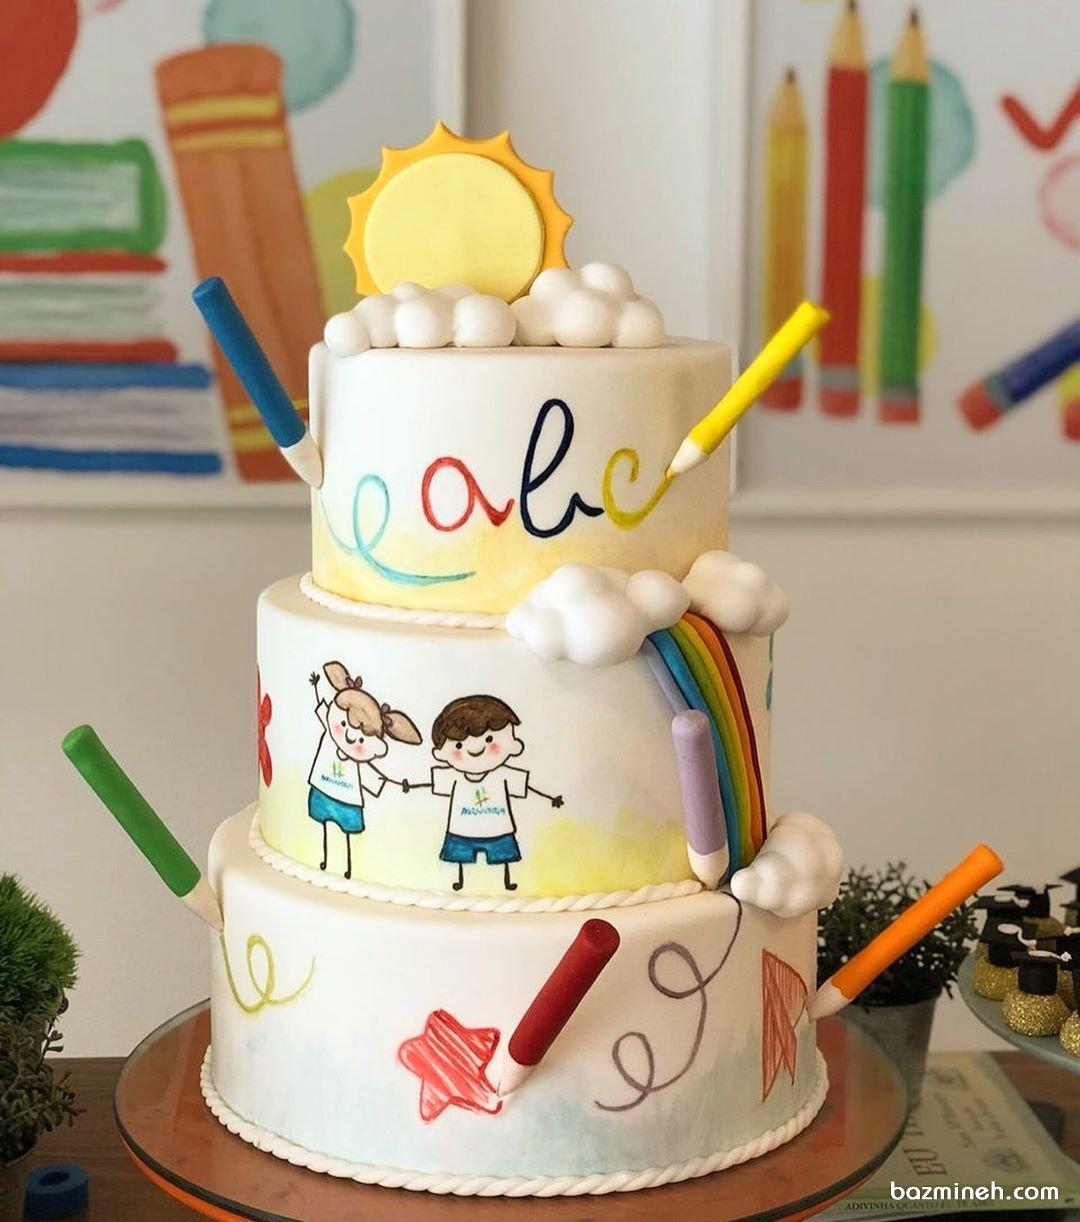 کیک سه طبقه جشن تولد کودک یا جشن الفبا با تم مداد رنگی